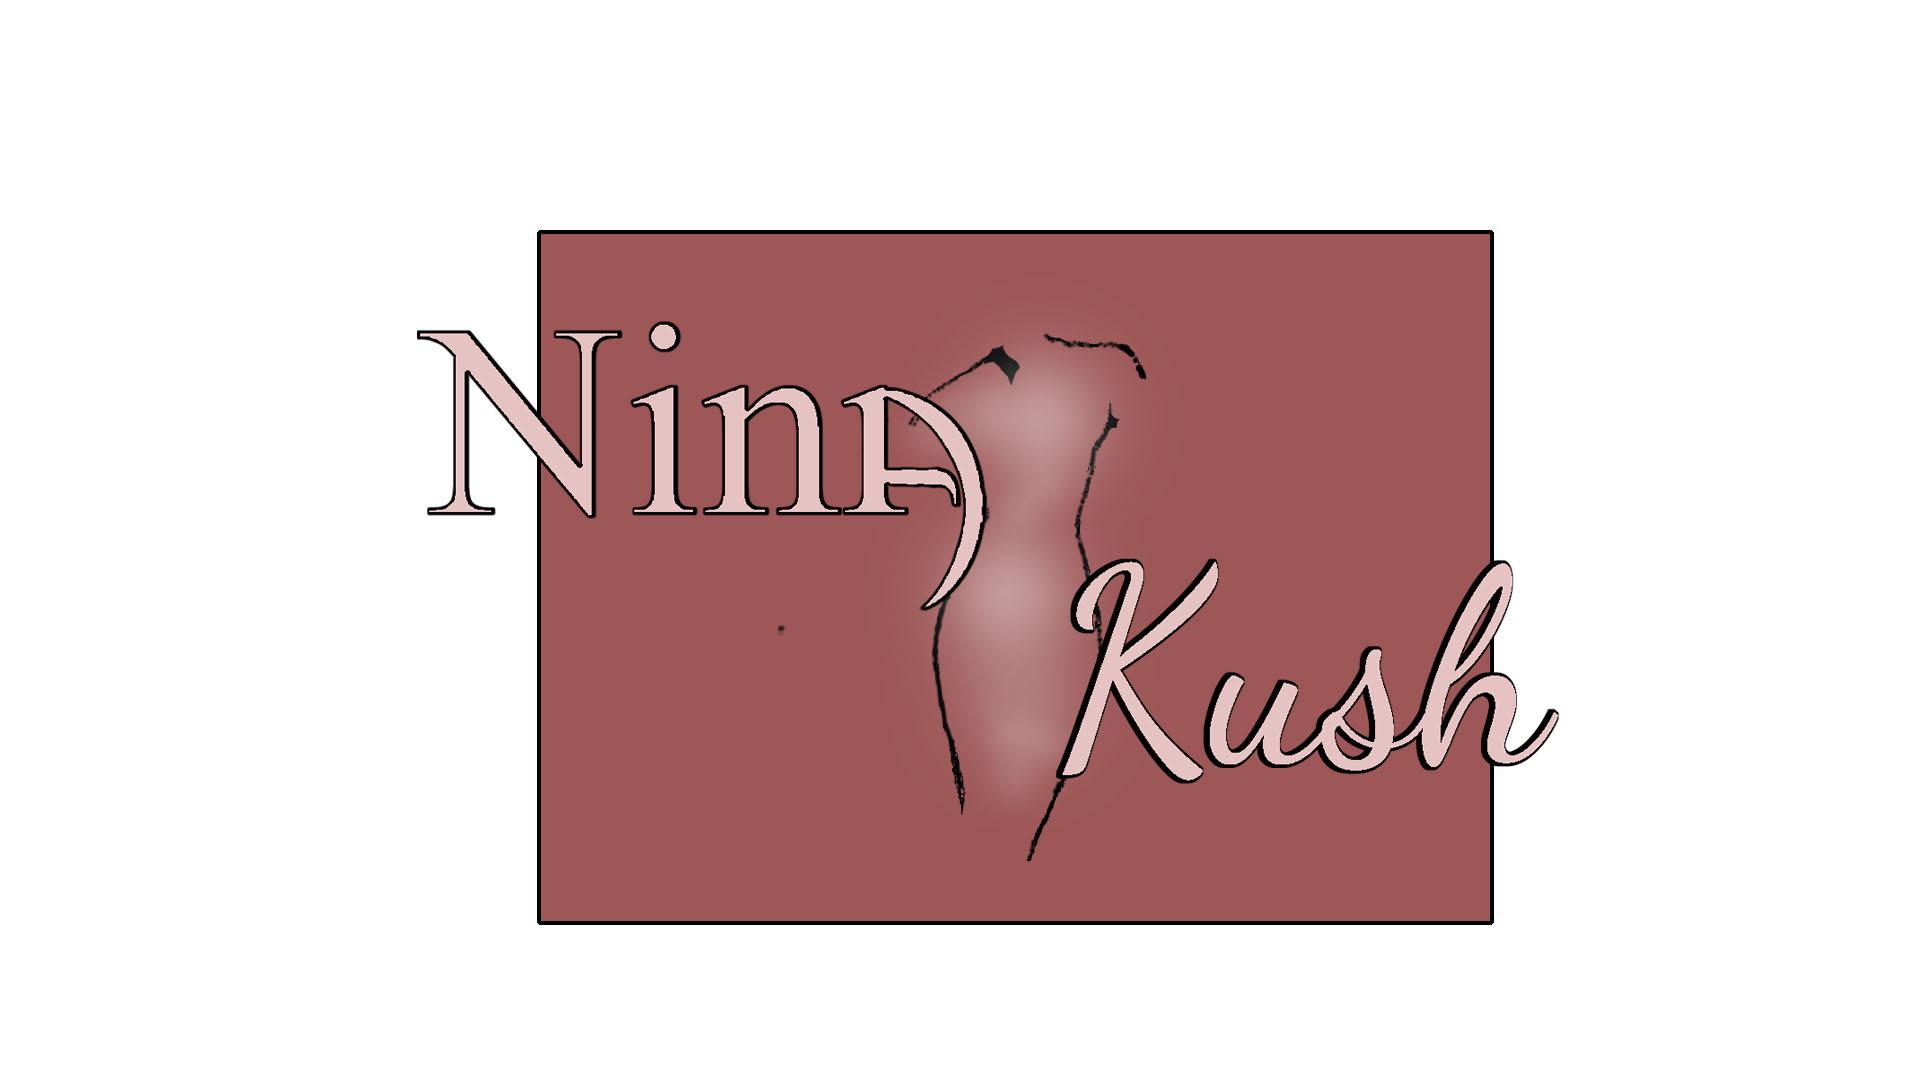 Логотип, товарный знак. Далее разработка brend booka компани фото f_5105ce3295a7c78f.jpg